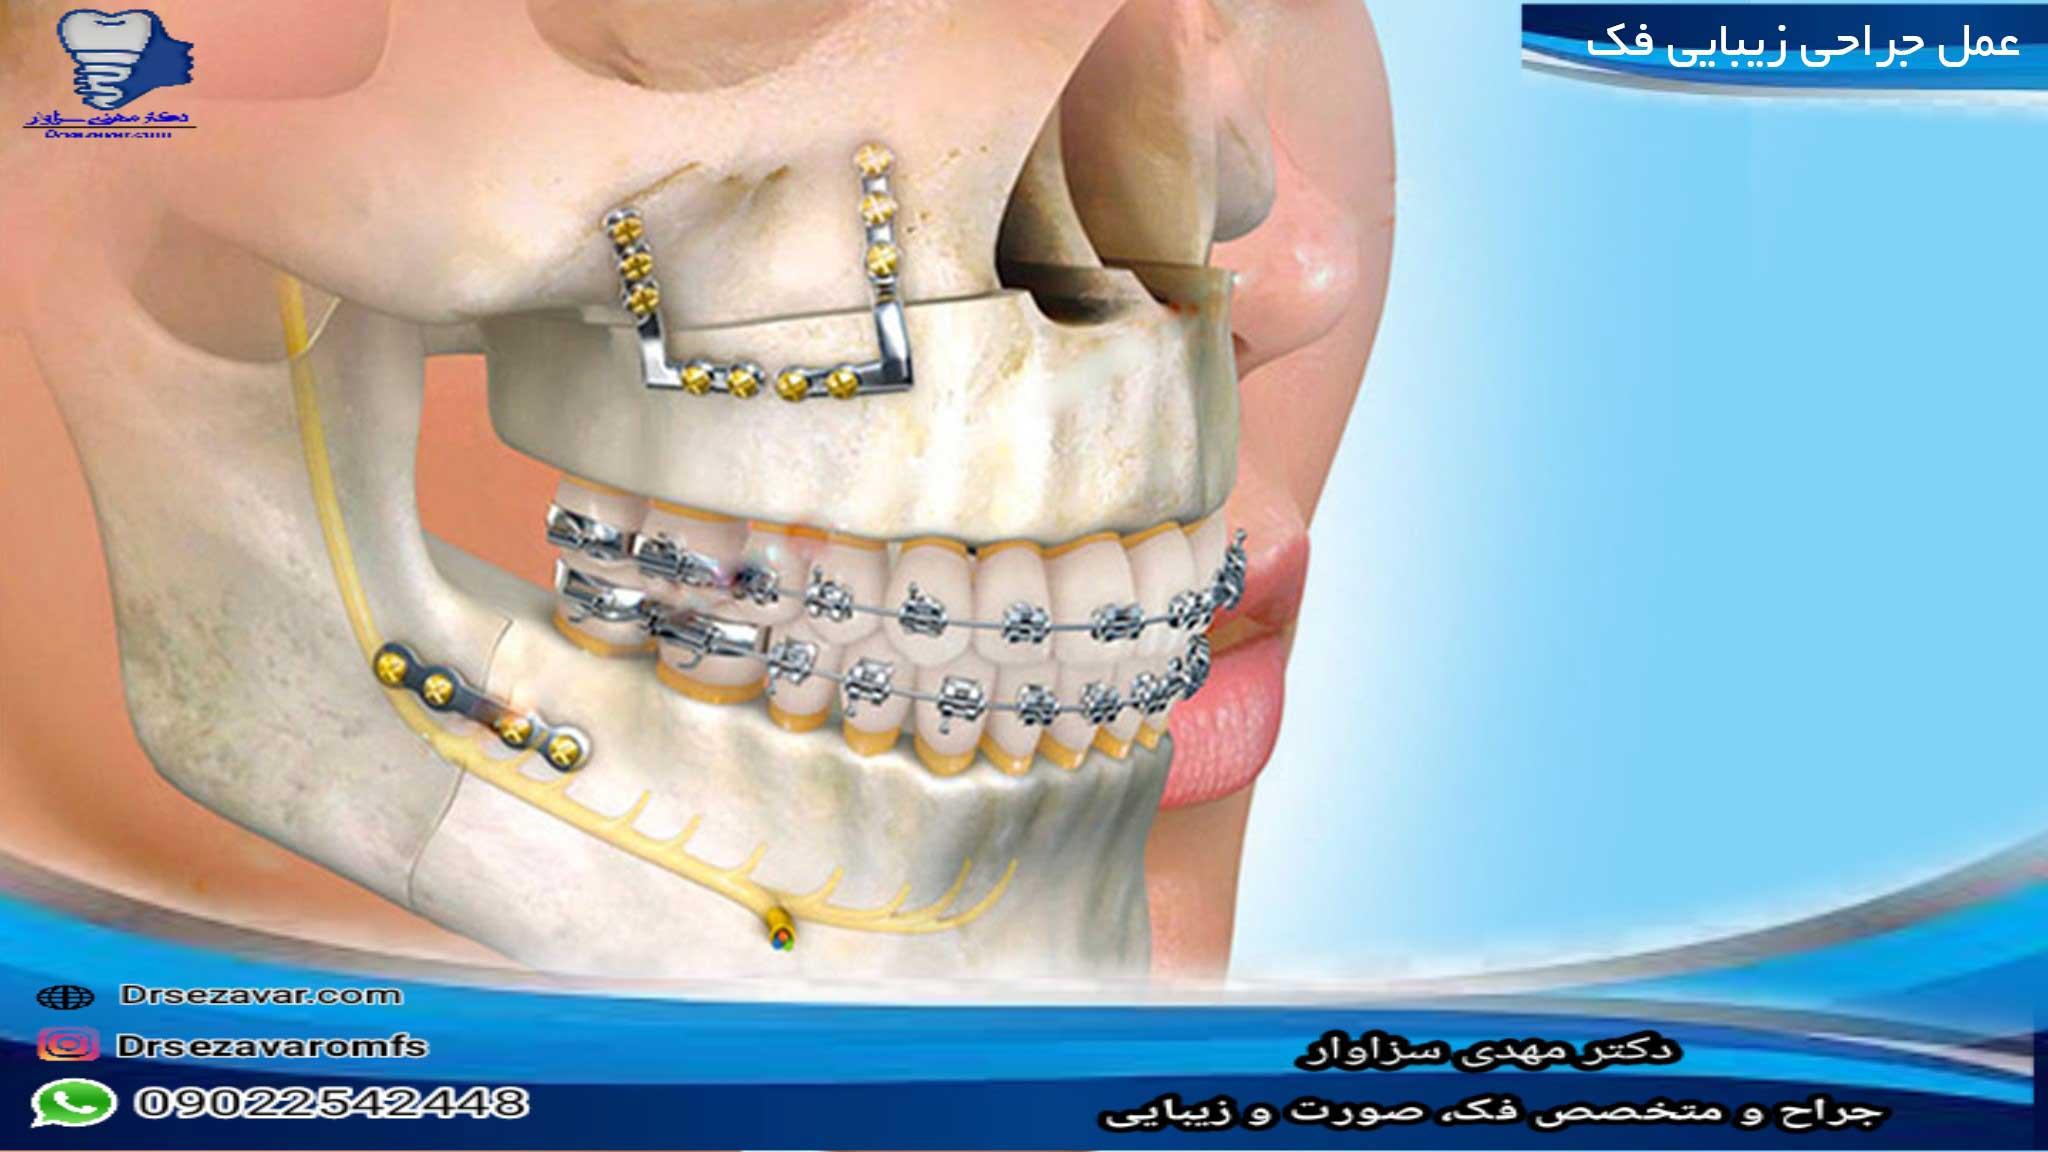 عمل-جراحی-زیبایی-فک